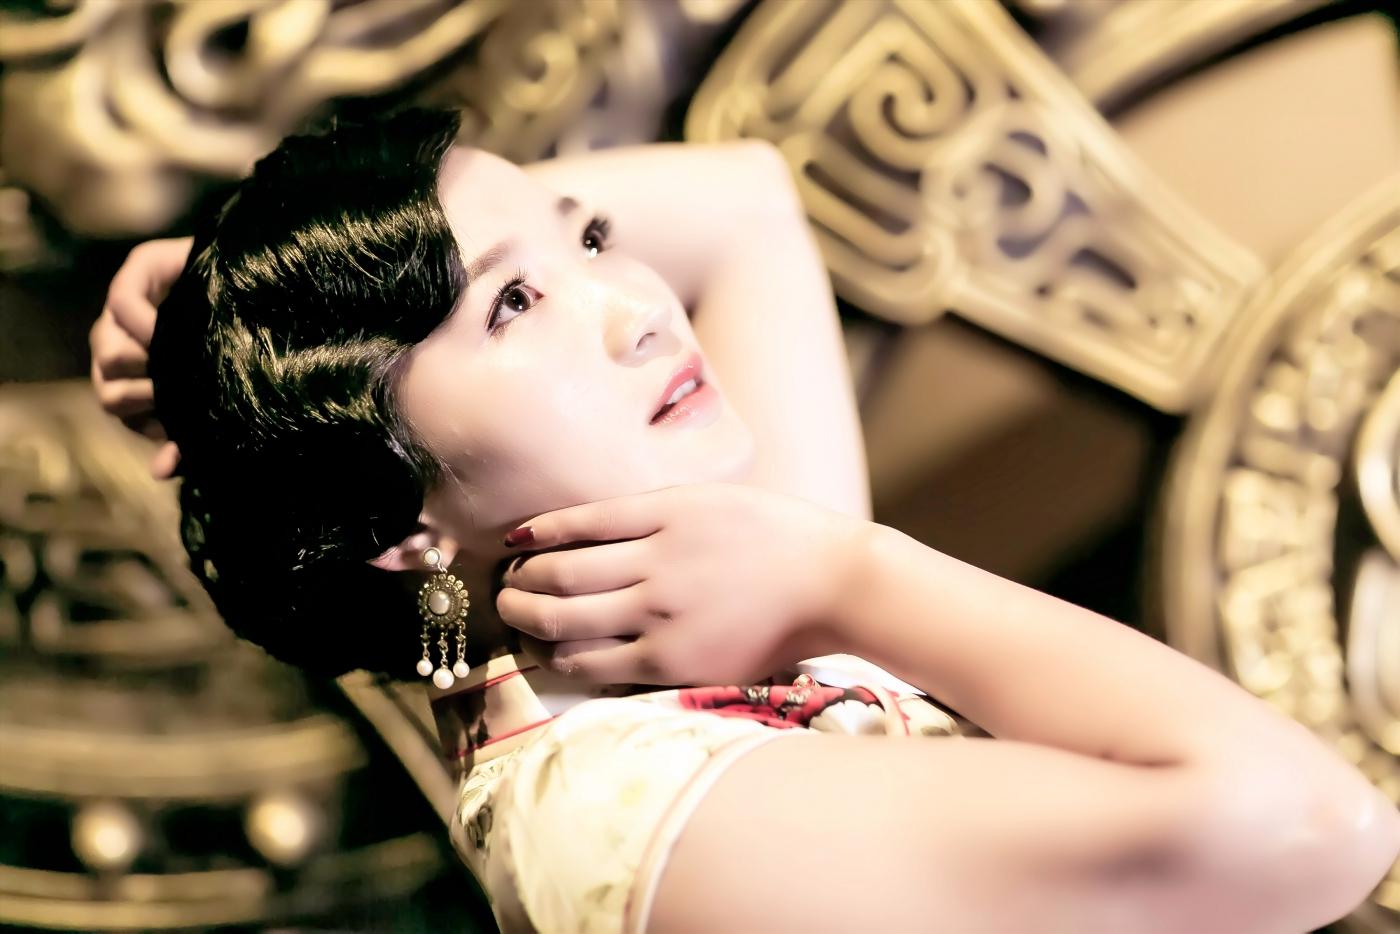 当临沂女孩孔孙懿凡遇到旗袍 一样会像王的女人一样高贵典雅 ..._图1-23